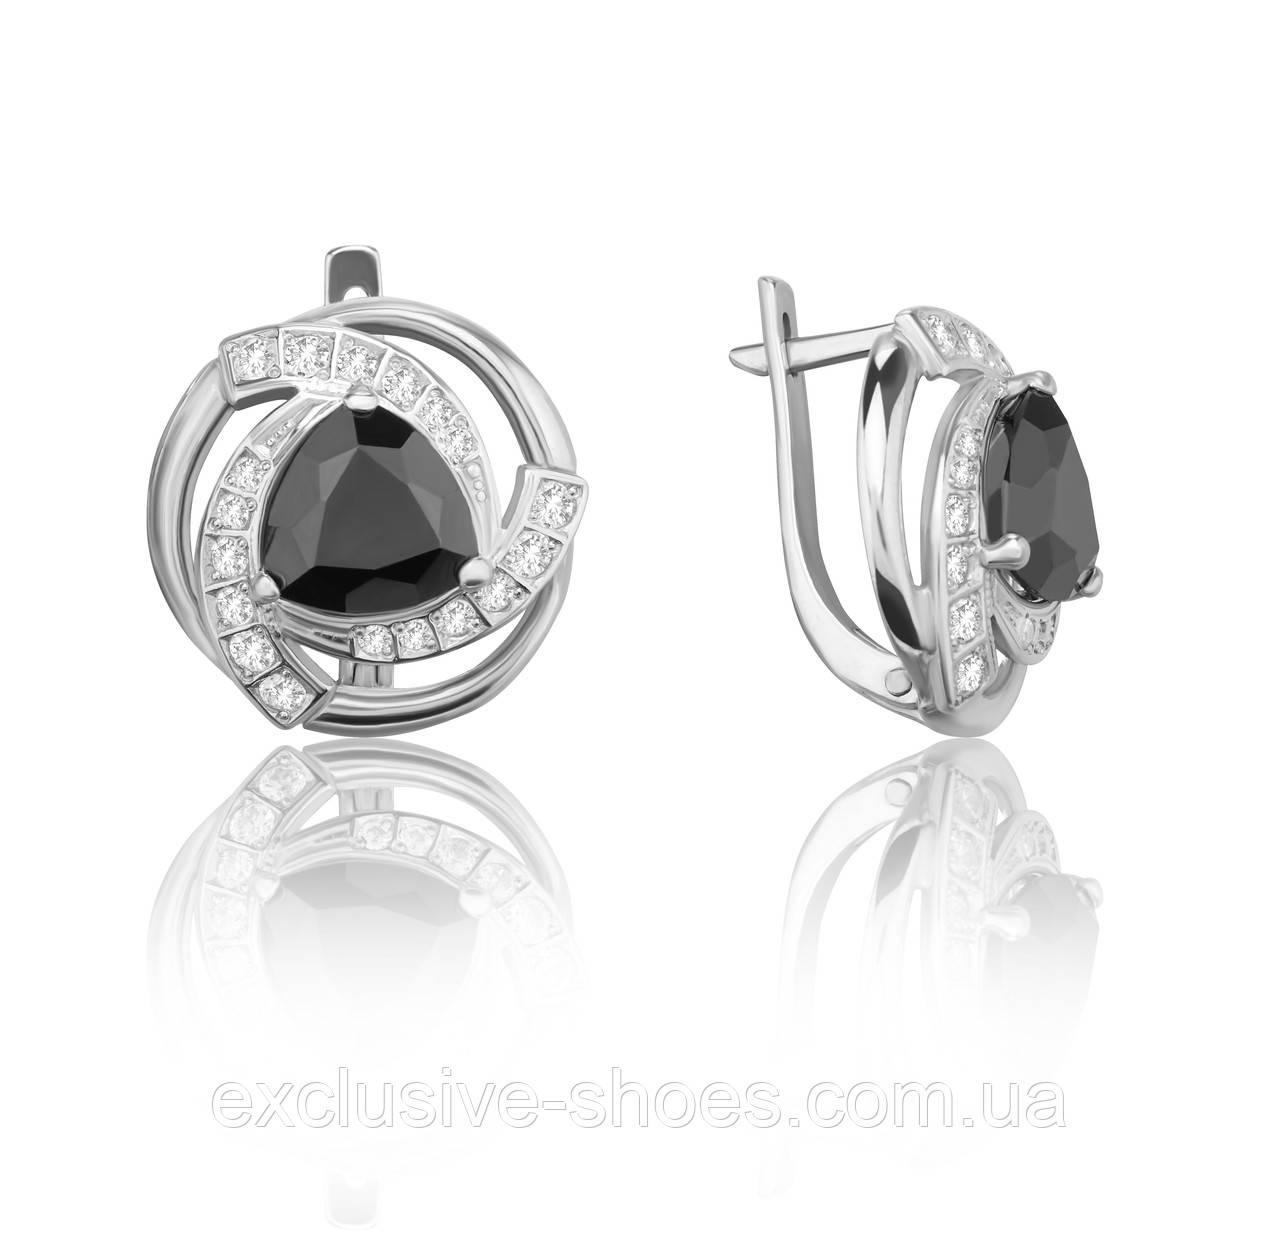 """Серебряные серьги """"Дженна"""" с крупными черными фианитами, арт-920122ч"""